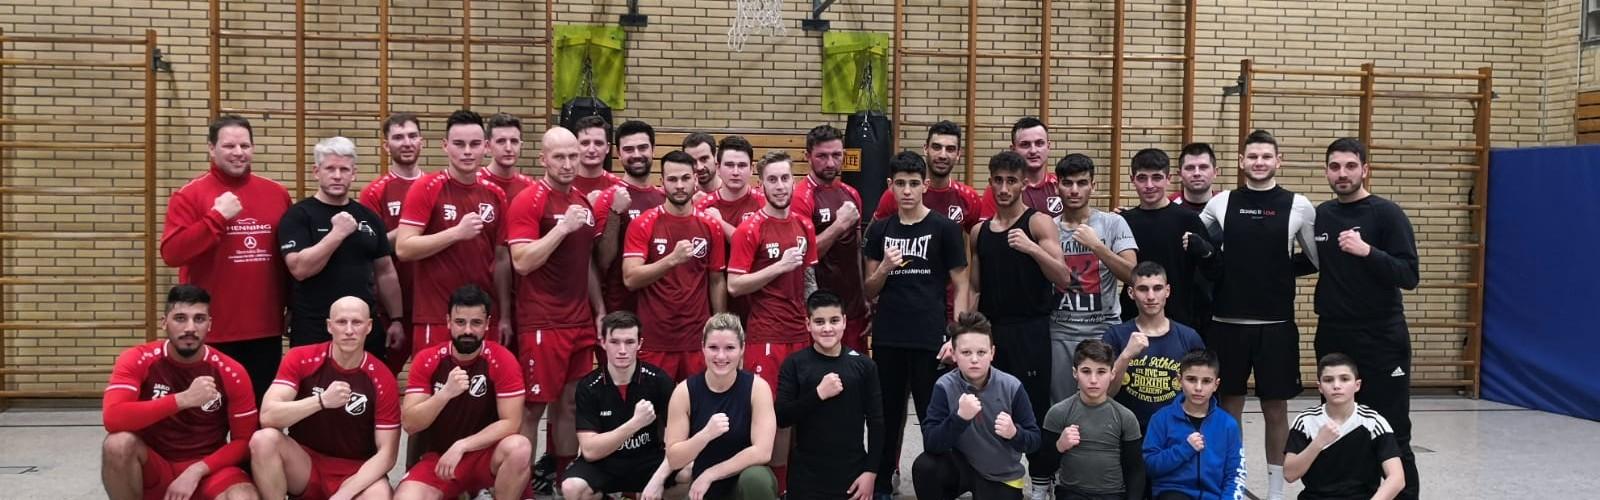 Foto zum Beitrag: 1.Mannschaft mit Trainingseinheit im Box Club Vogelheim